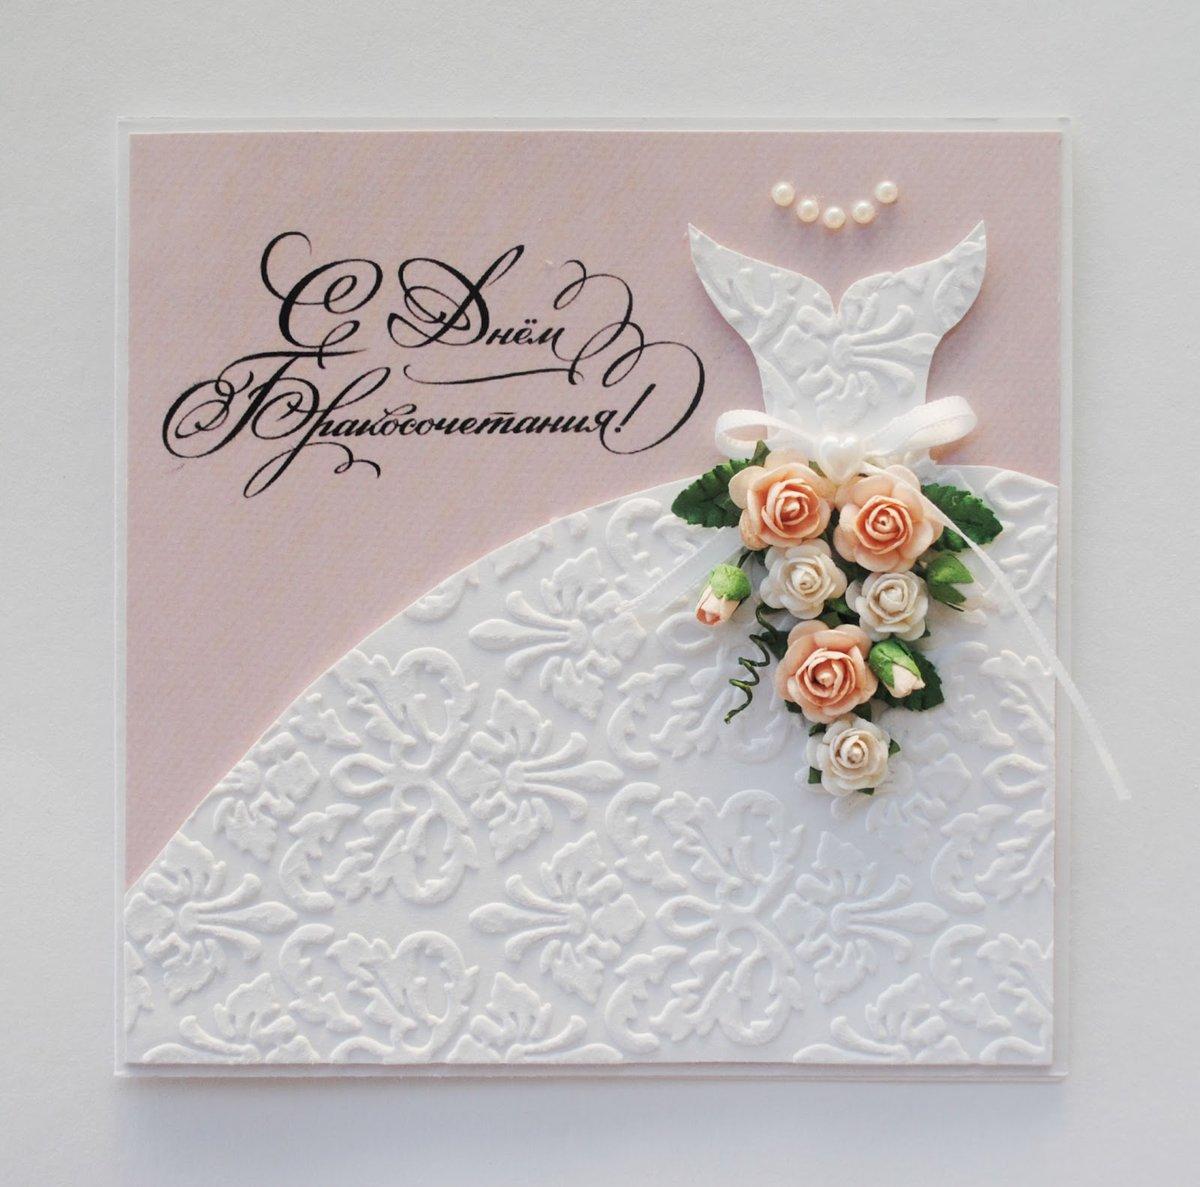 Как сделать открытку на юбилей свадьбы